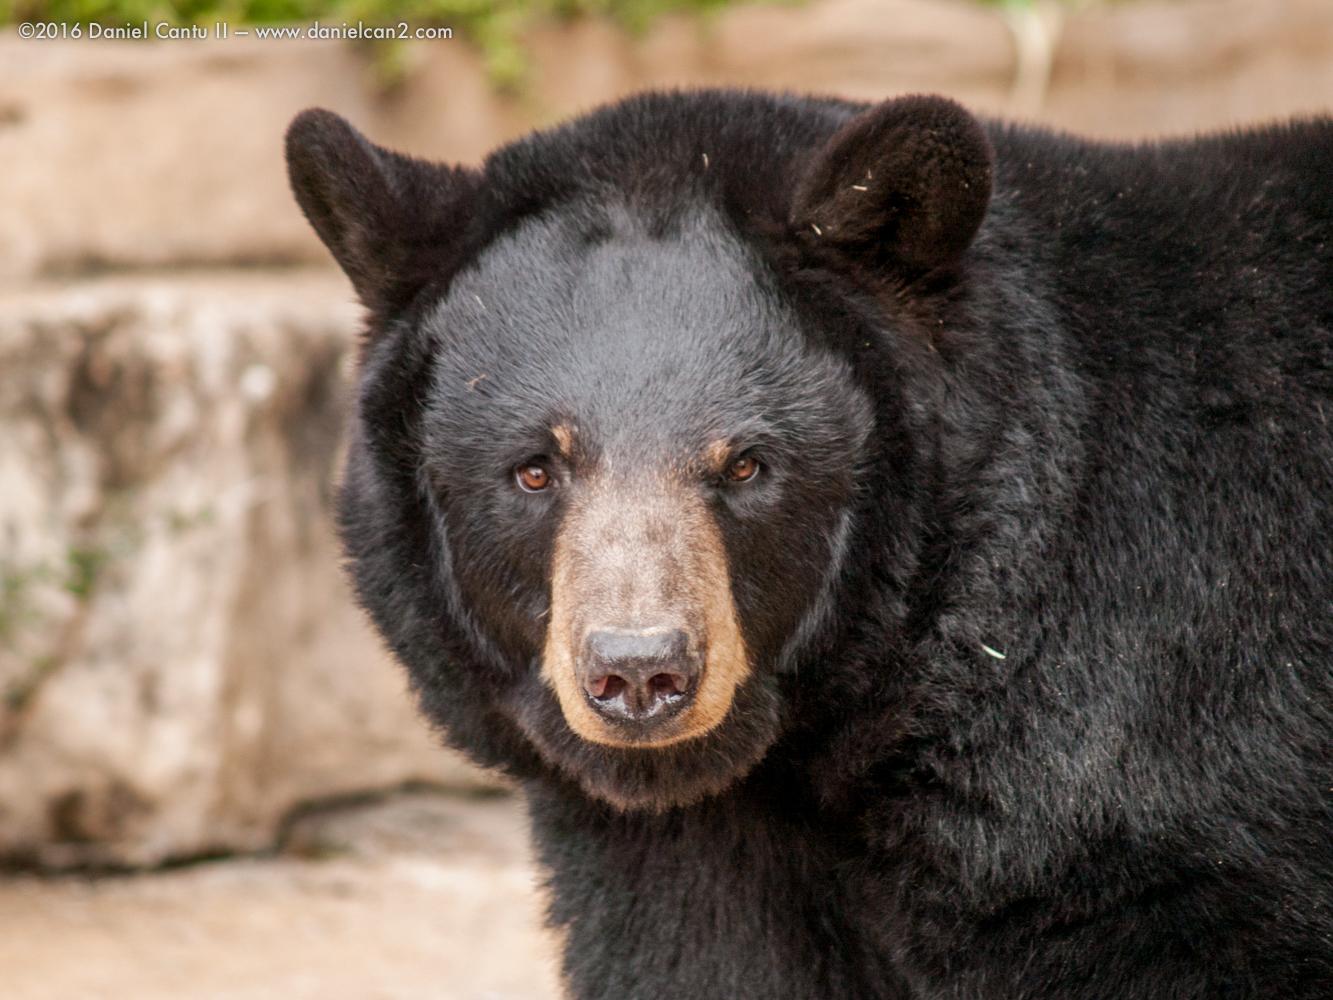 Daniel-Cantu-II-Zoo-March-2015-7.jpg